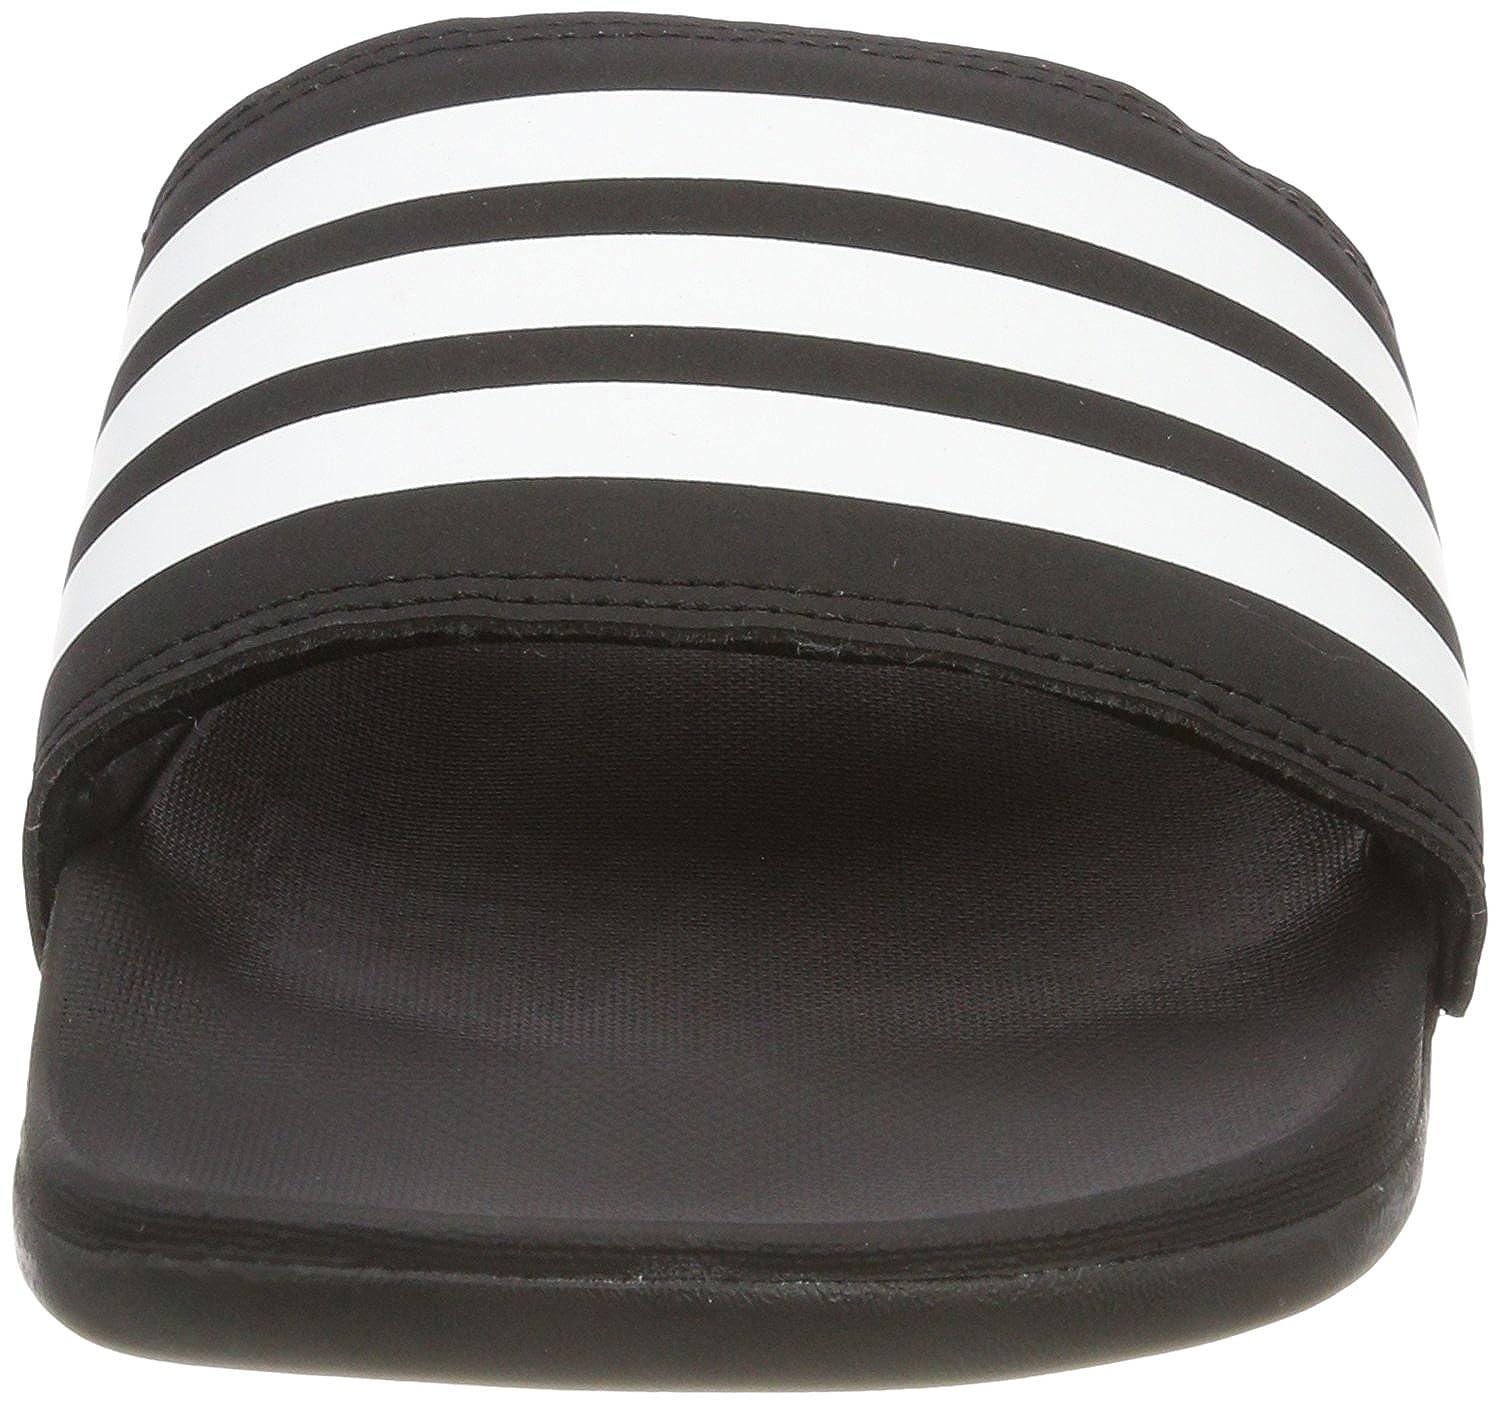 brand new 0e00a fdbe9 adidas Adilette Comfort, Scarpe da Spiaggia e Piscina Donna, Nero (Core  BlackFootwear White), 38 EU Amazon.it Scarpe e borse